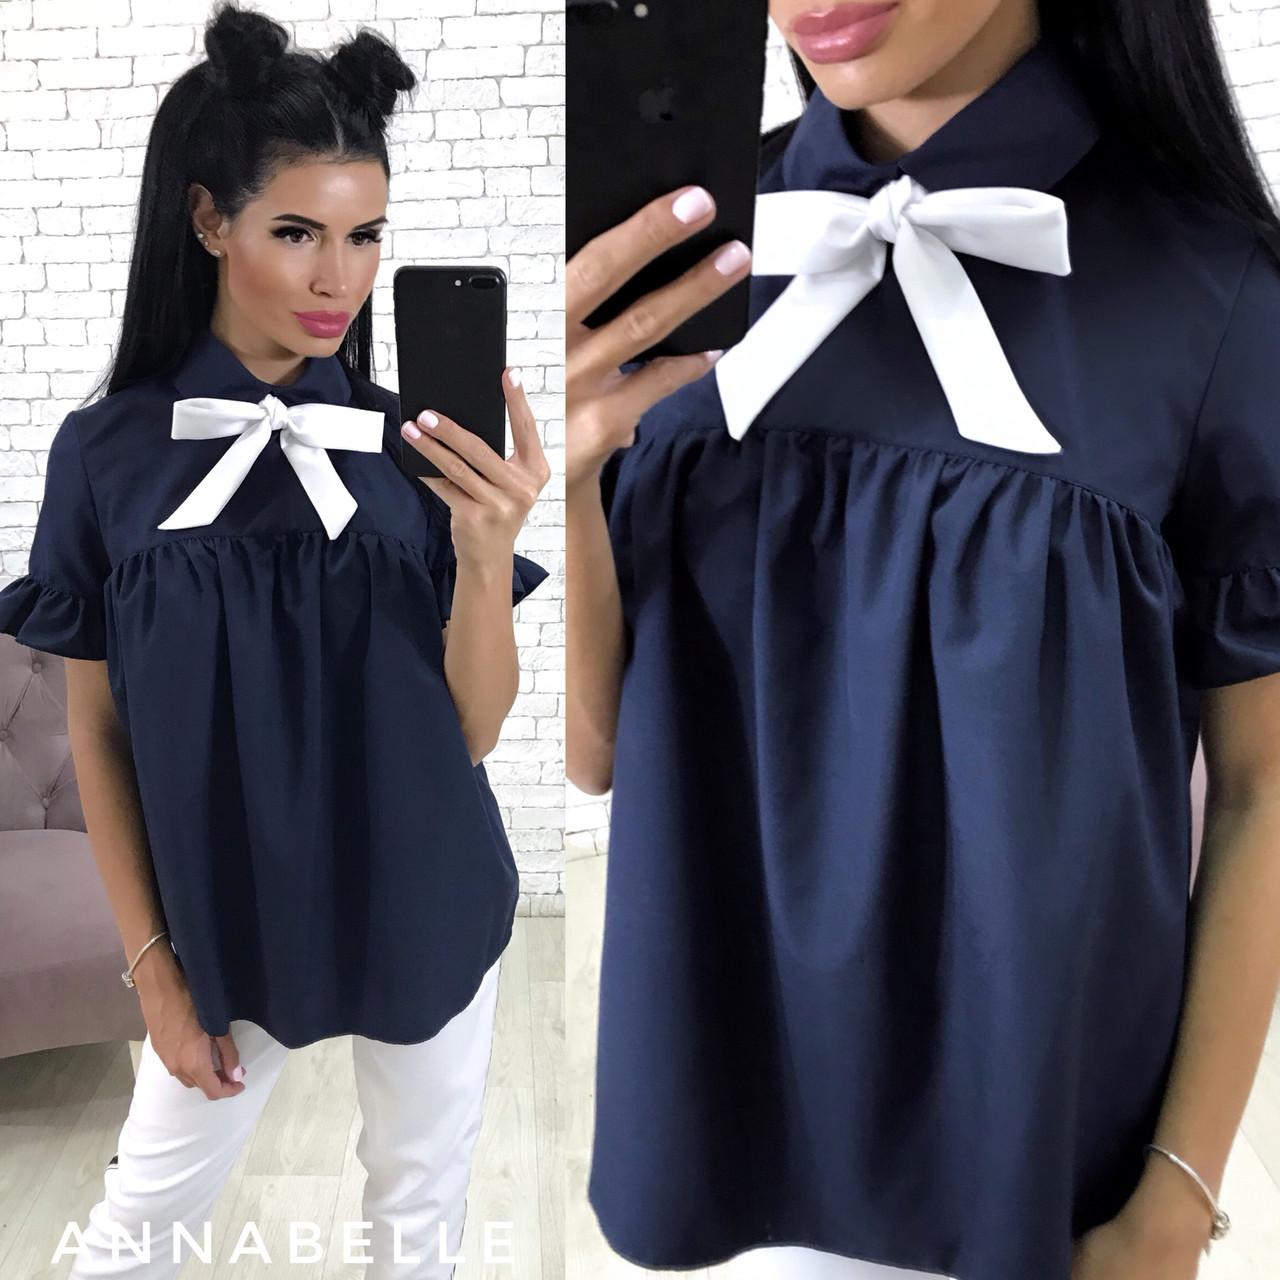 dda120a9d64 Свободная рубашка с бантом в расцветках - Anta - оптовый интернет-магазин в  Одессе